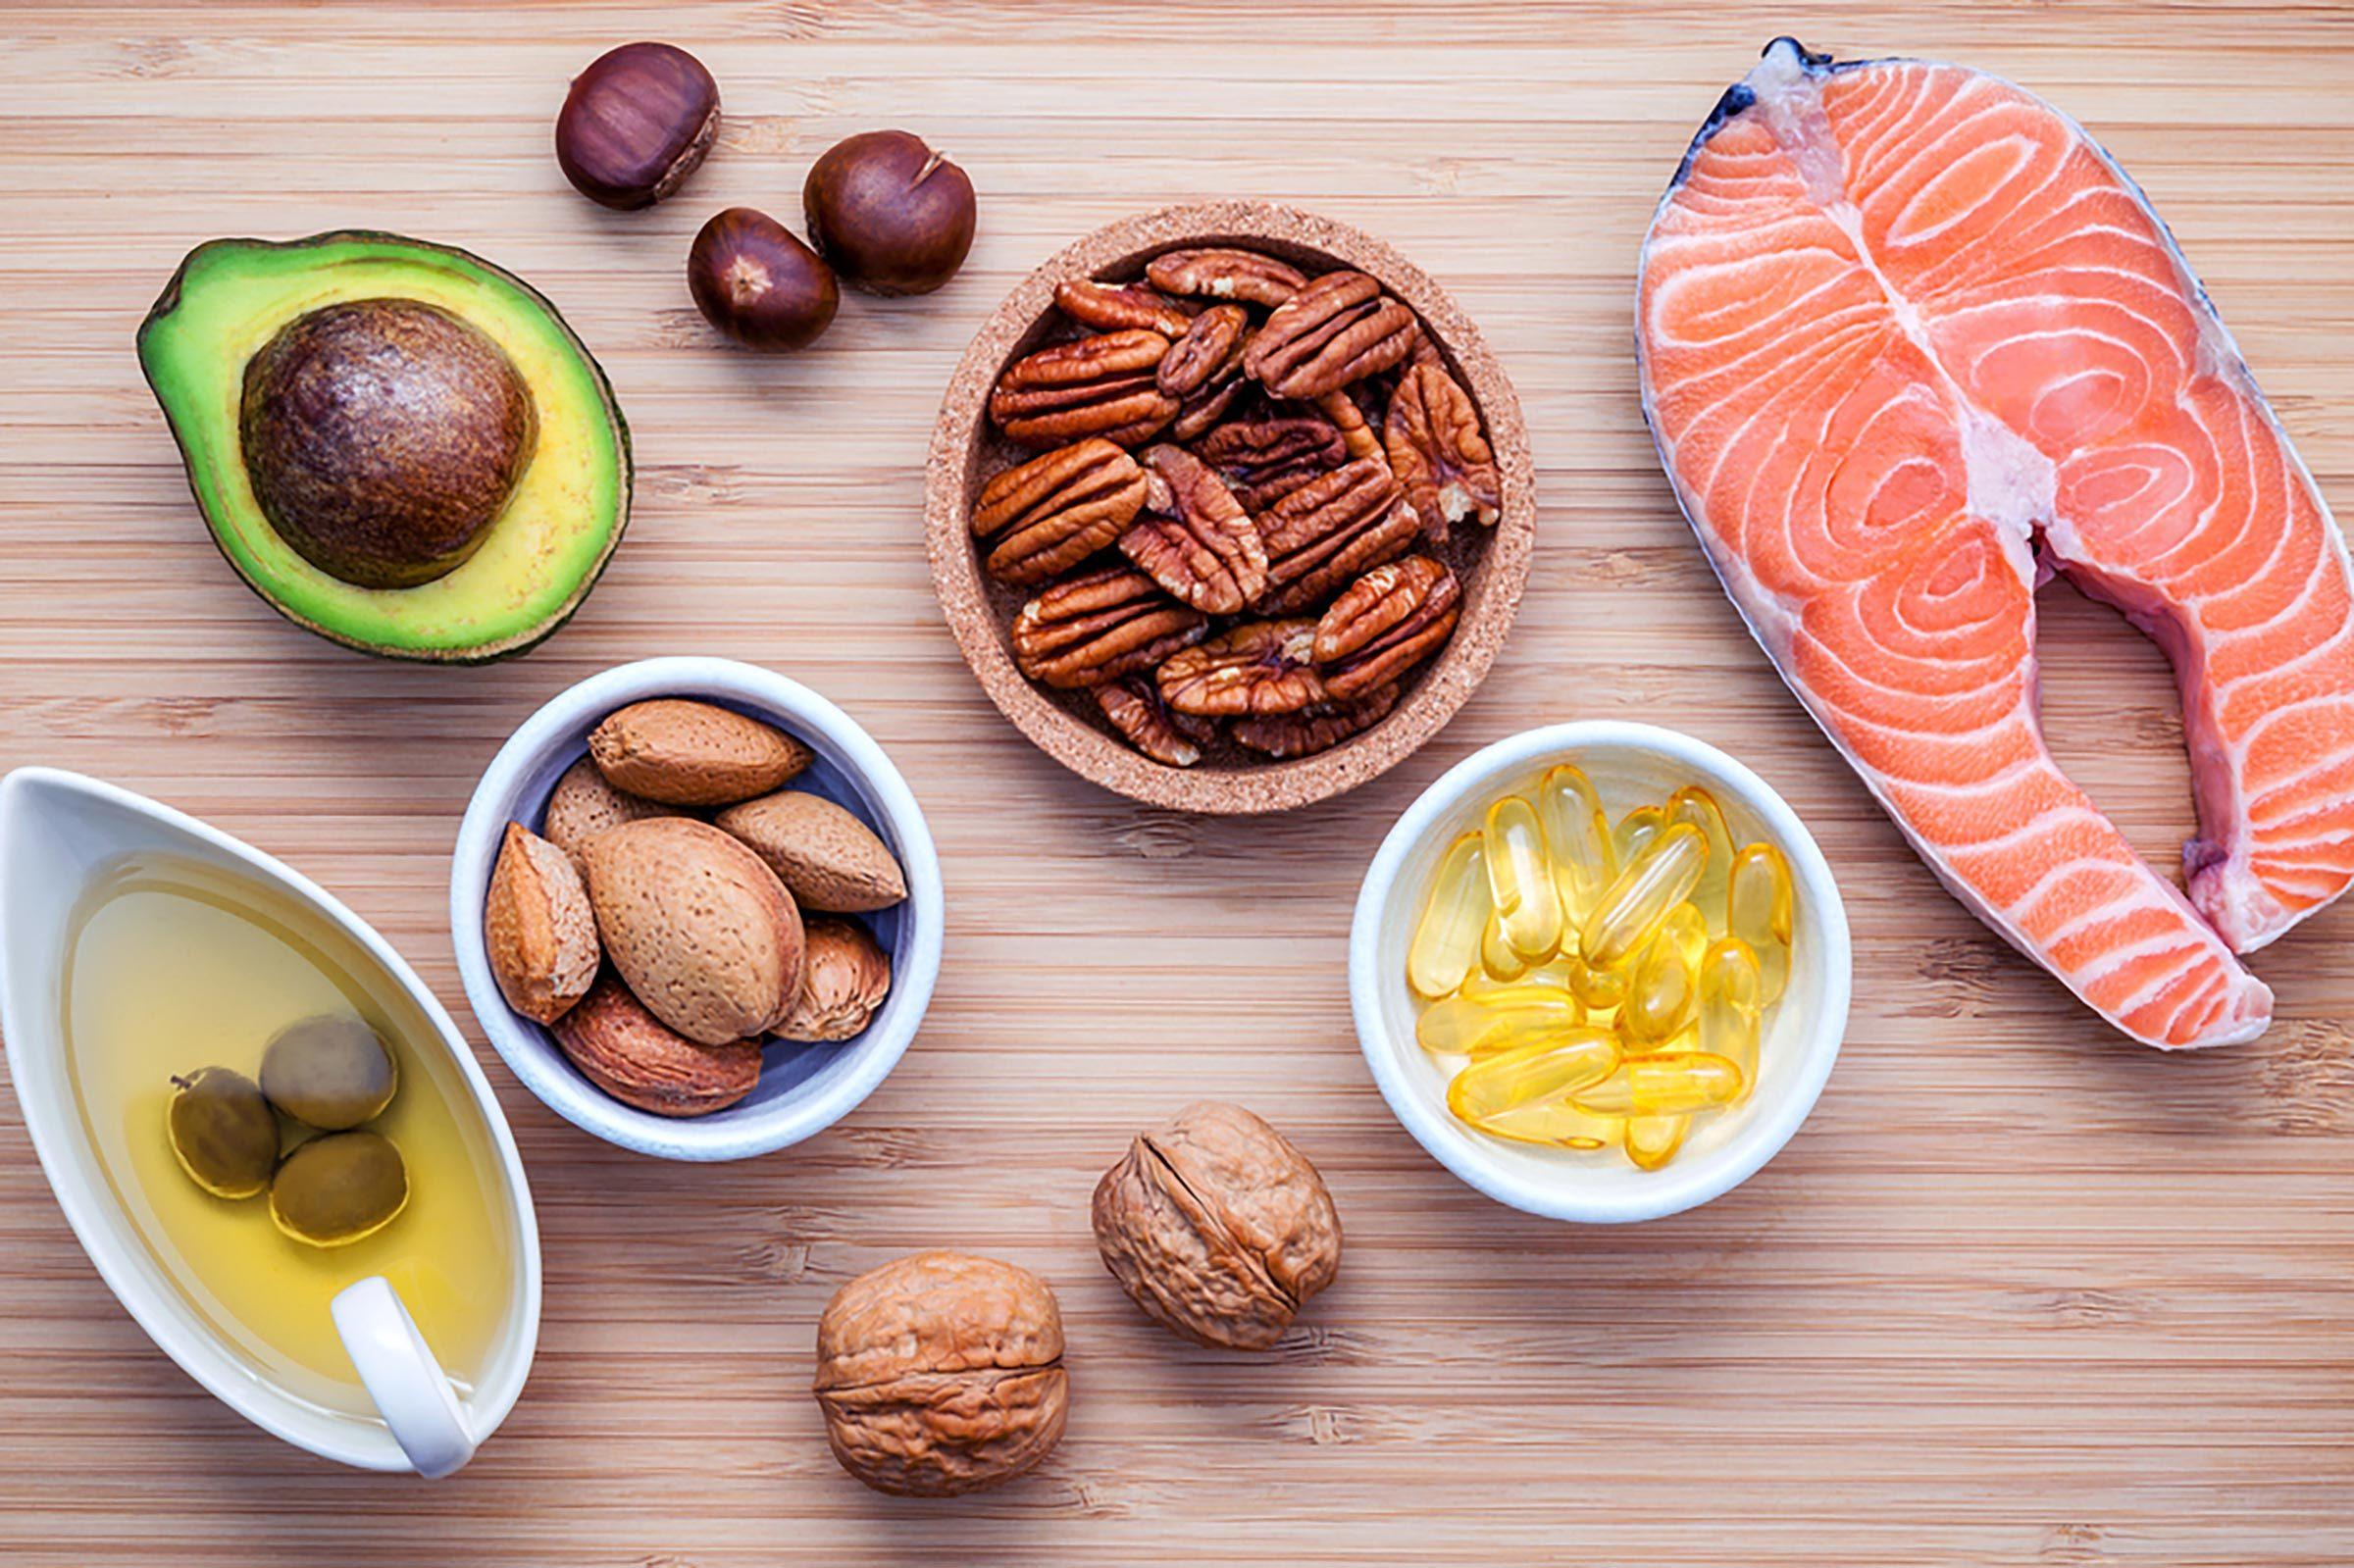 Conseil santé : obtenir vos nutriments essentiels à partir de votre nourriture